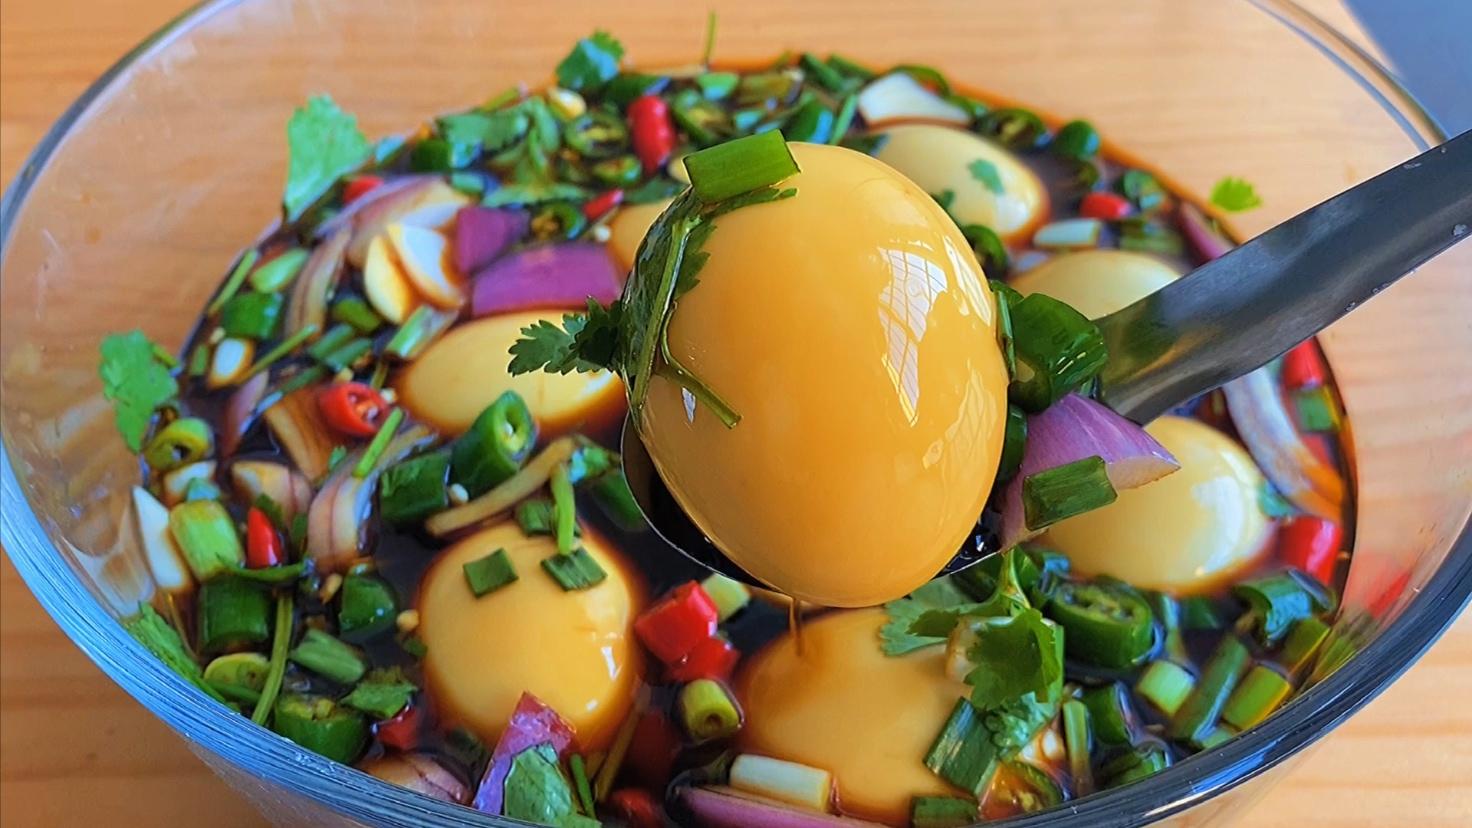 煮鸡蛋时,别直接下锅煮,老保姆教我一招,鸡蛋不会裂,特好剥皮